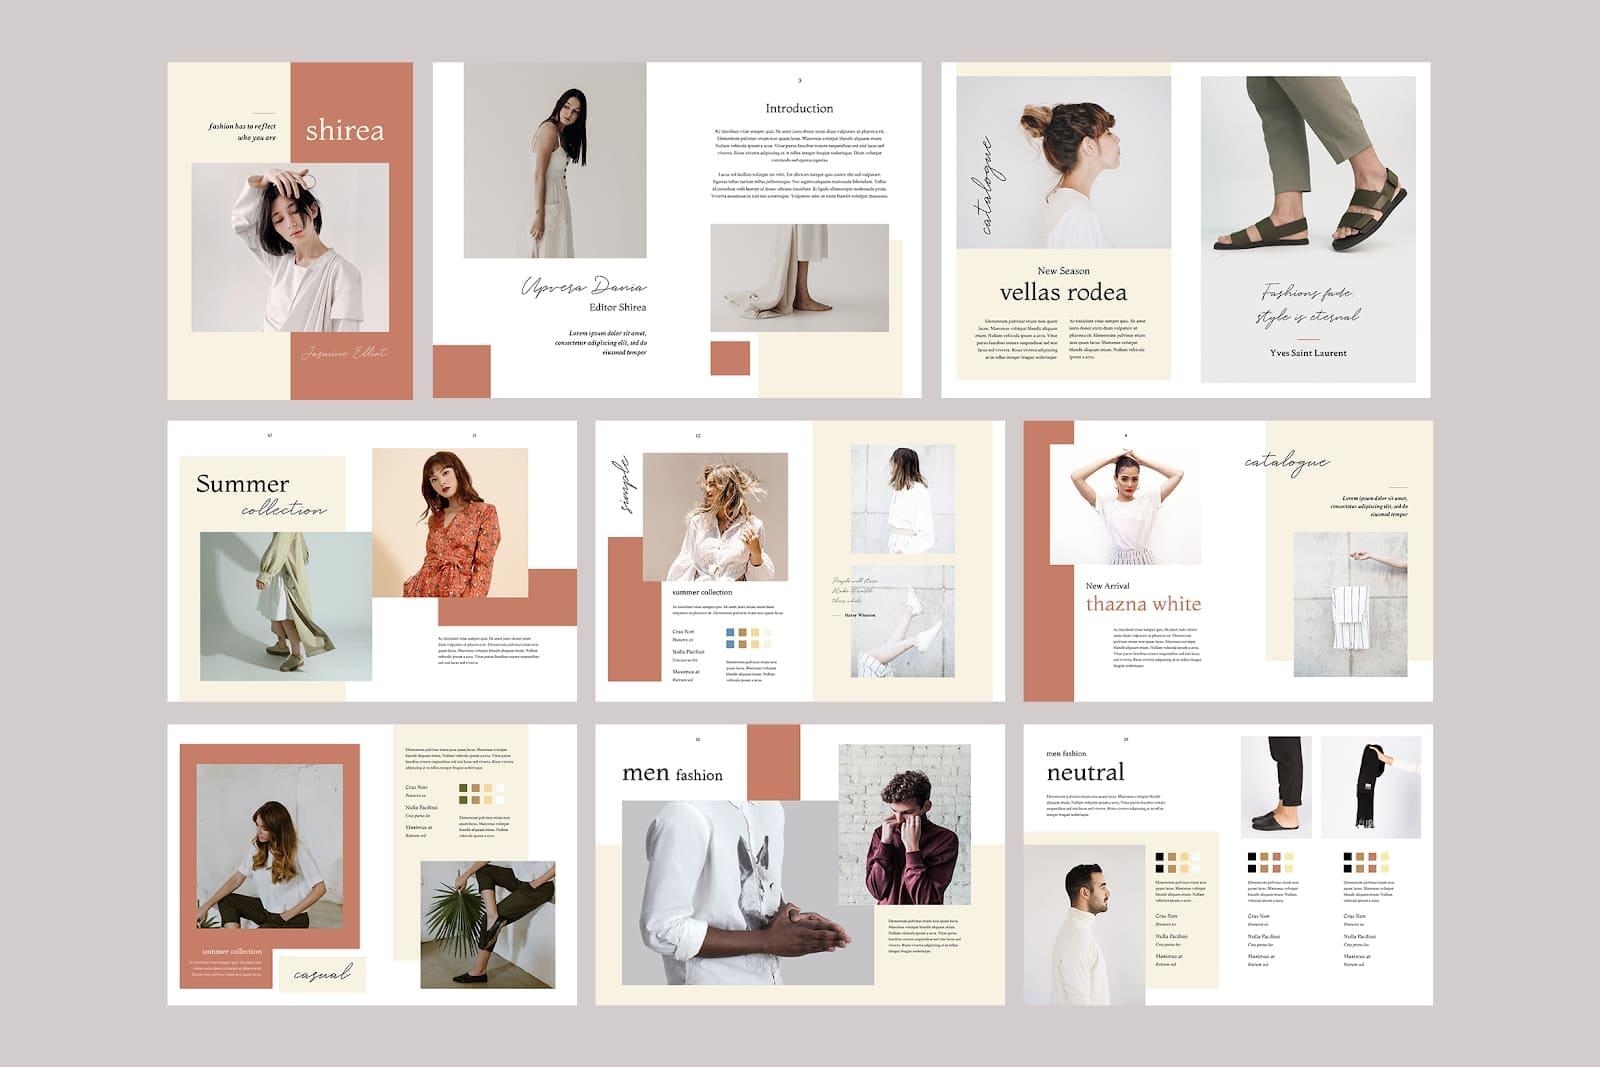 thiết kế mẫu catalogue đẹp